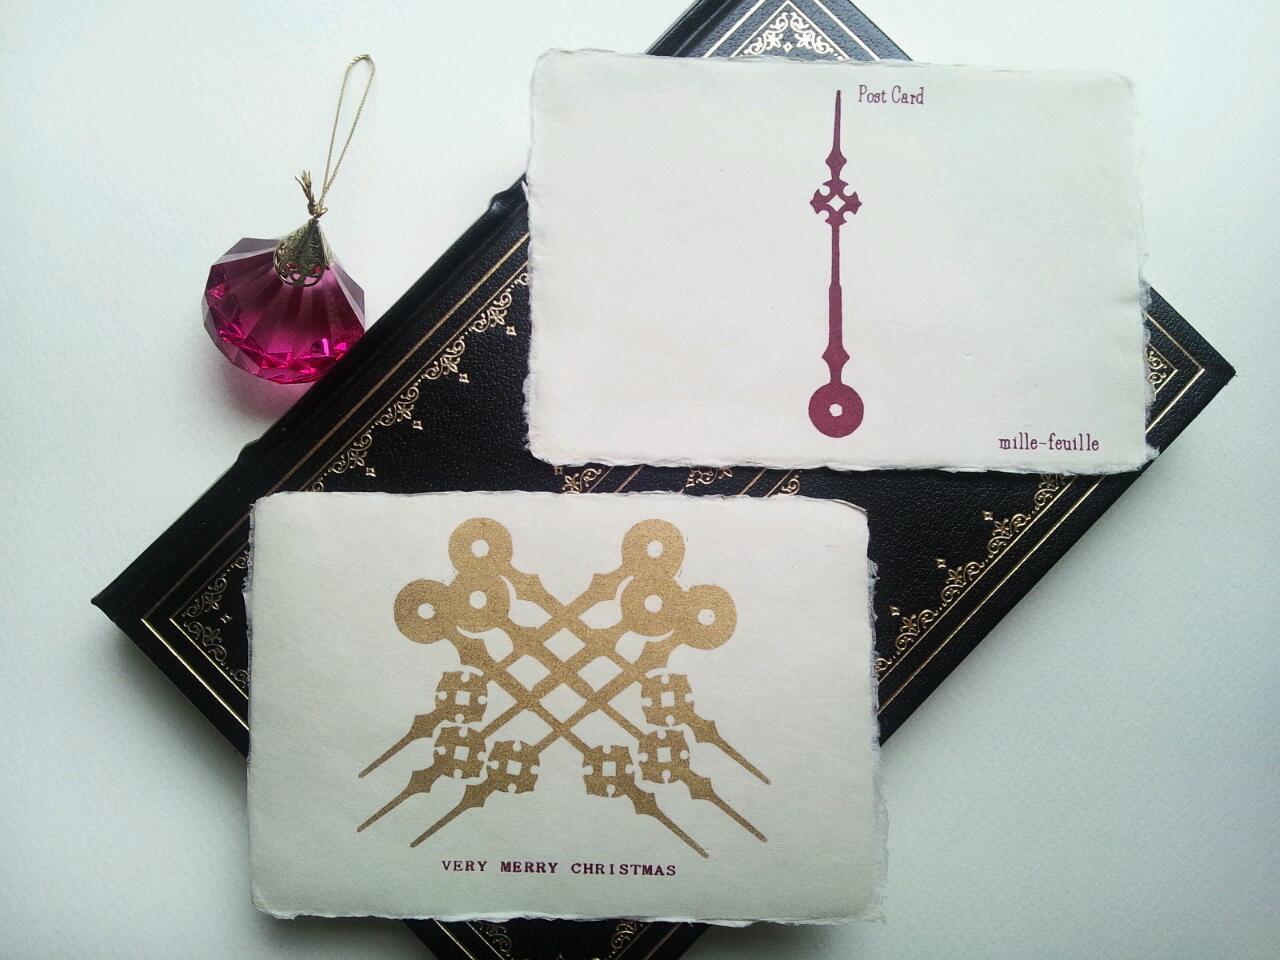 【ポストカード】ベリー・メリー・クリスマス